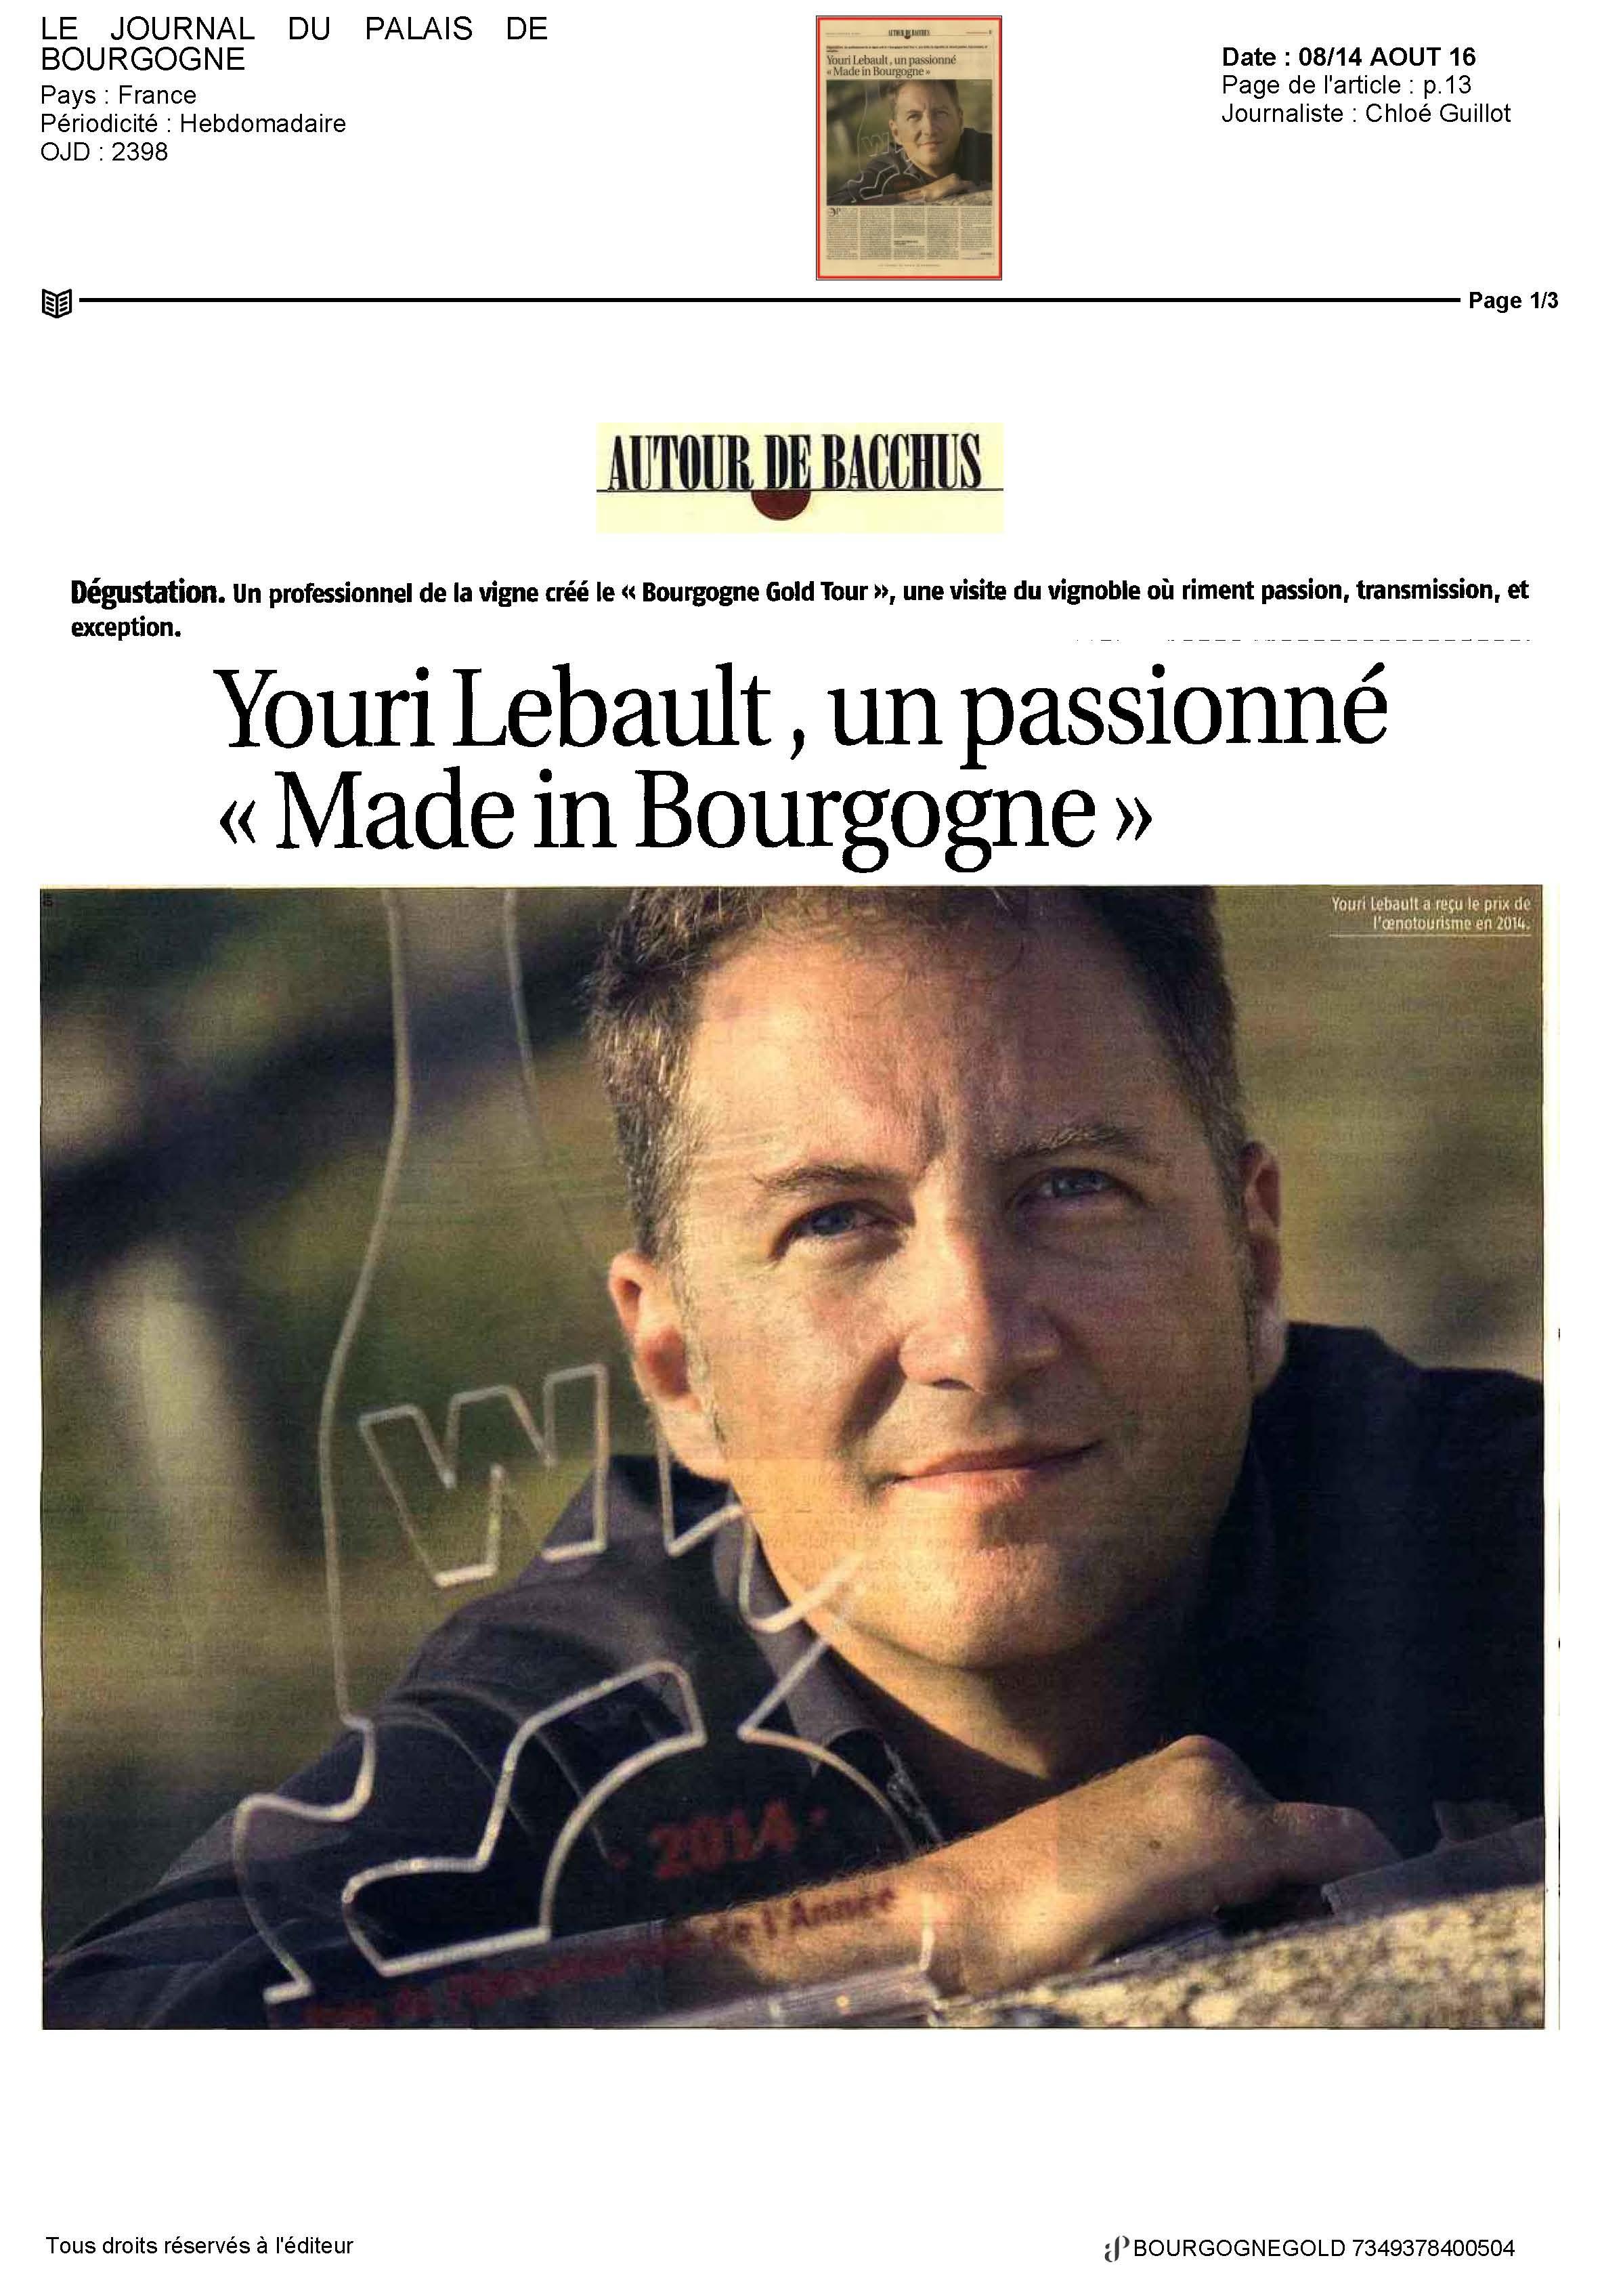 2016-08-09~1437@LE_JOURNAL_DU_PALAIS_DE_BOURGO_Page_1